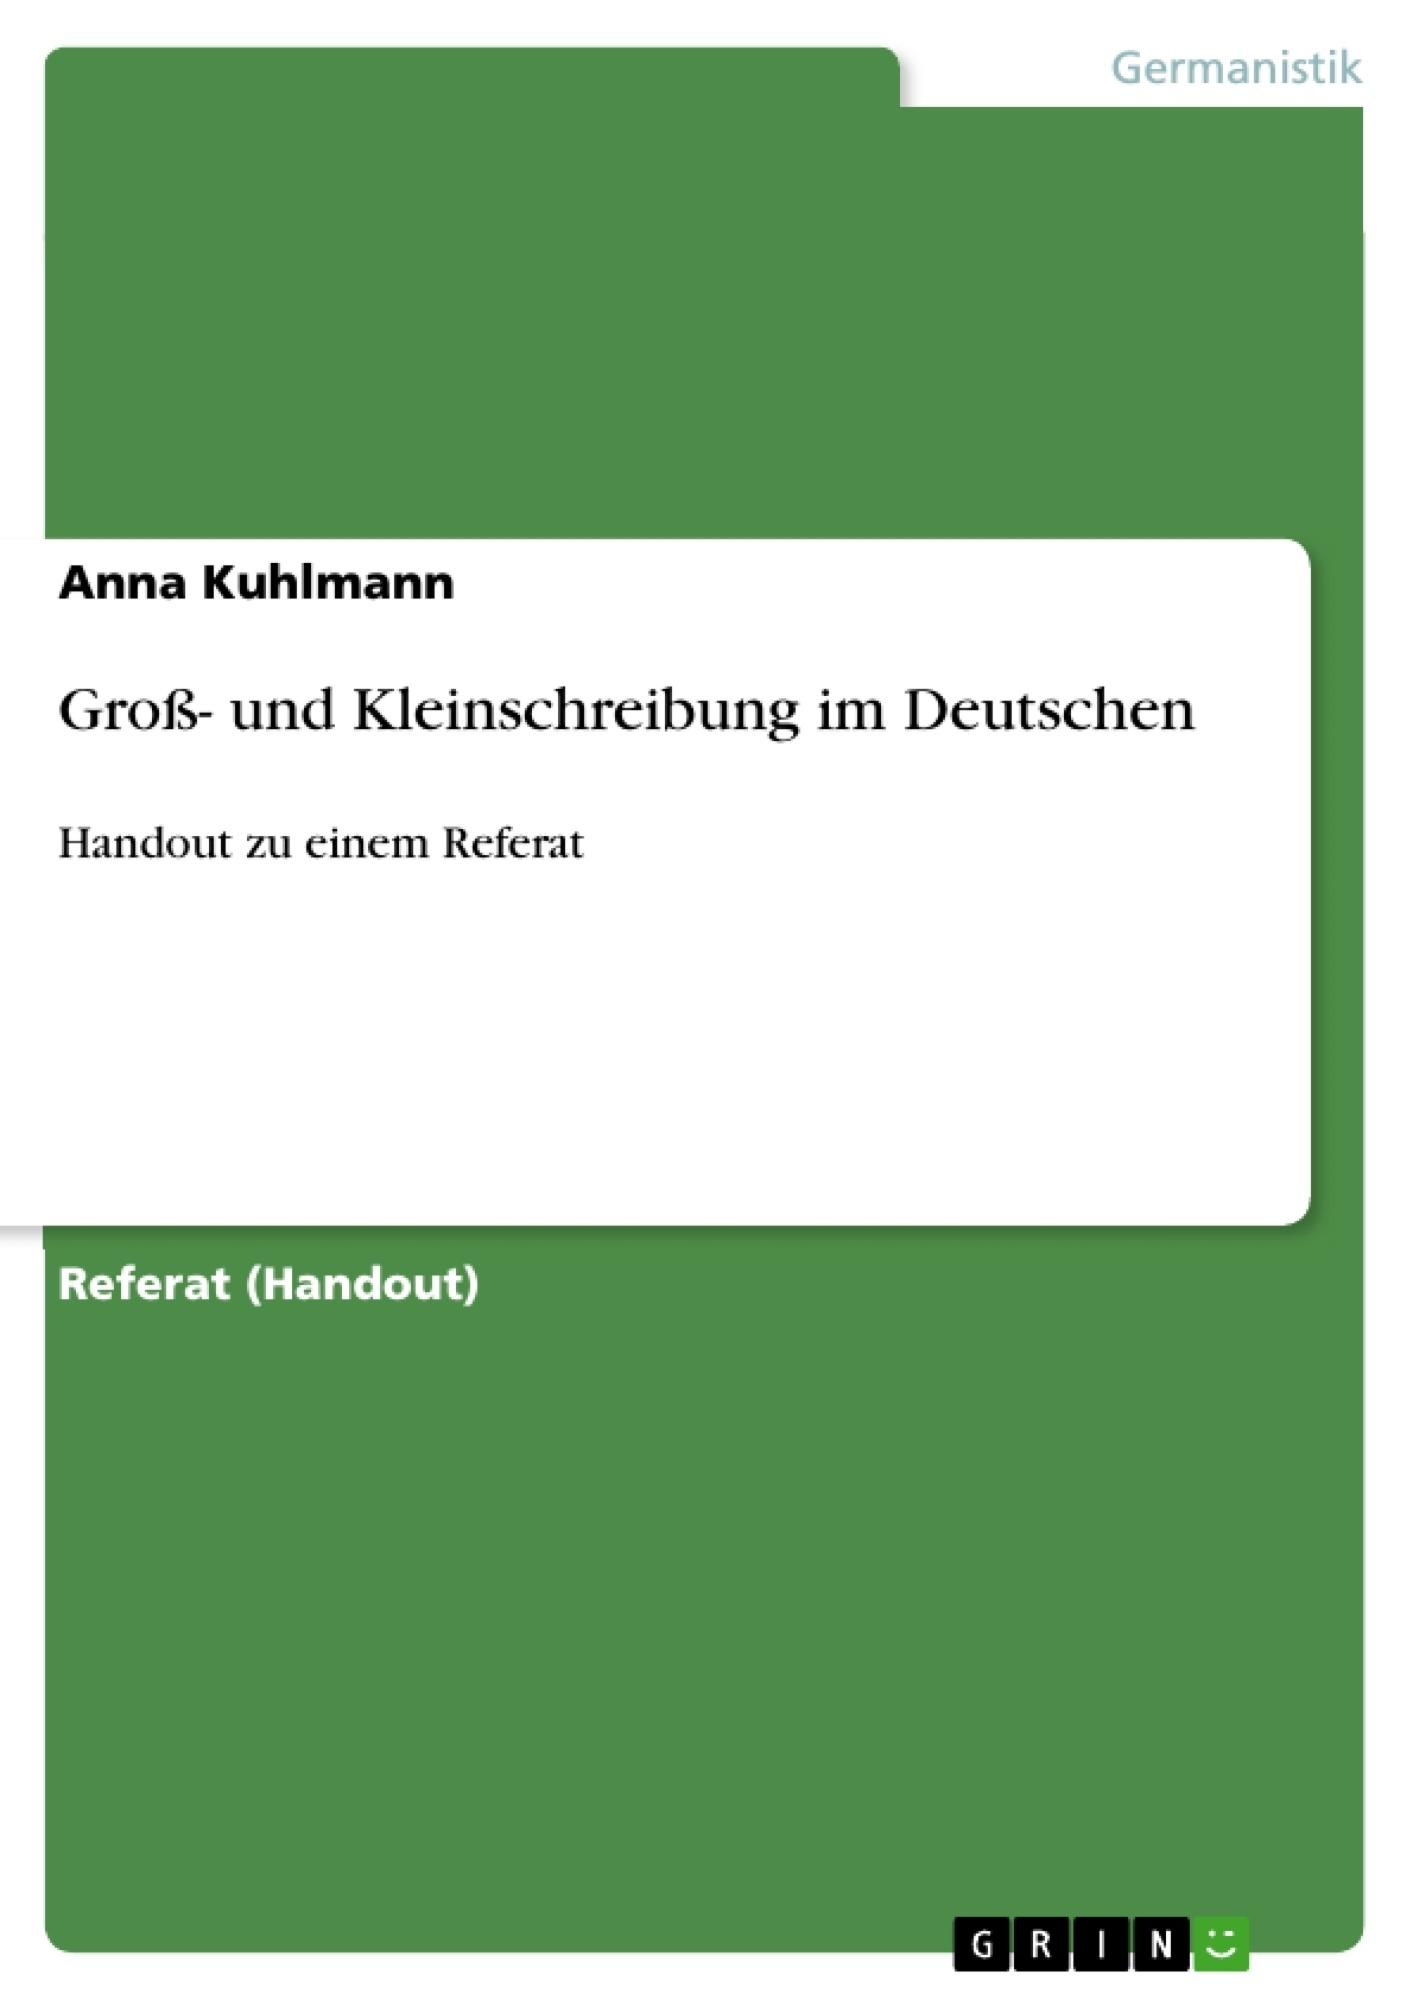 Titel: Groß- und Kleinschreibung im Deutschen